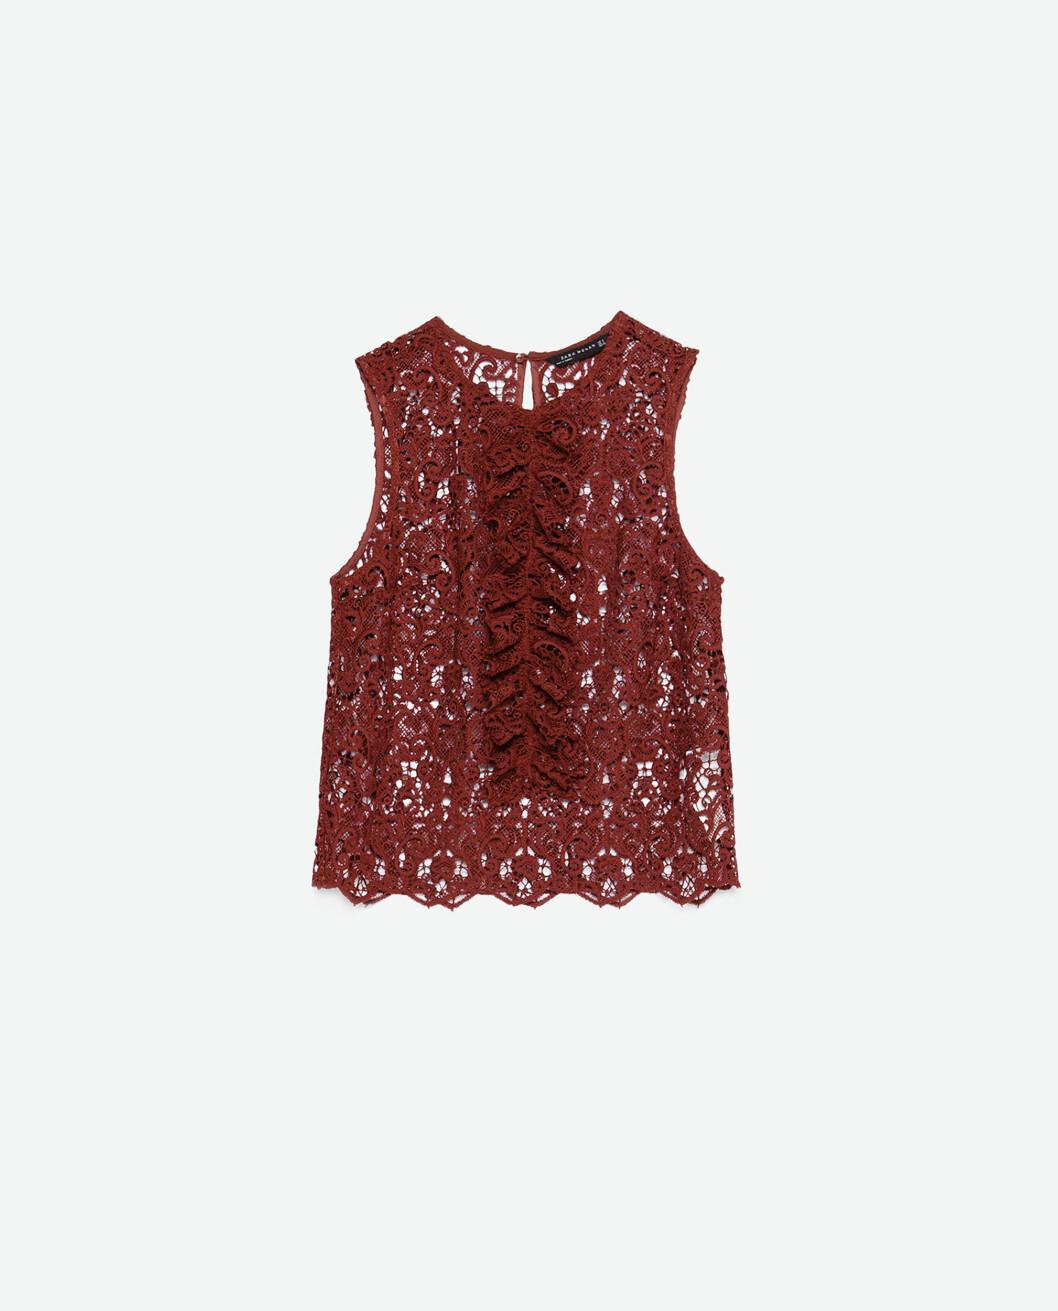 Topp fra Zara, kr 399. Foto: Produsenten